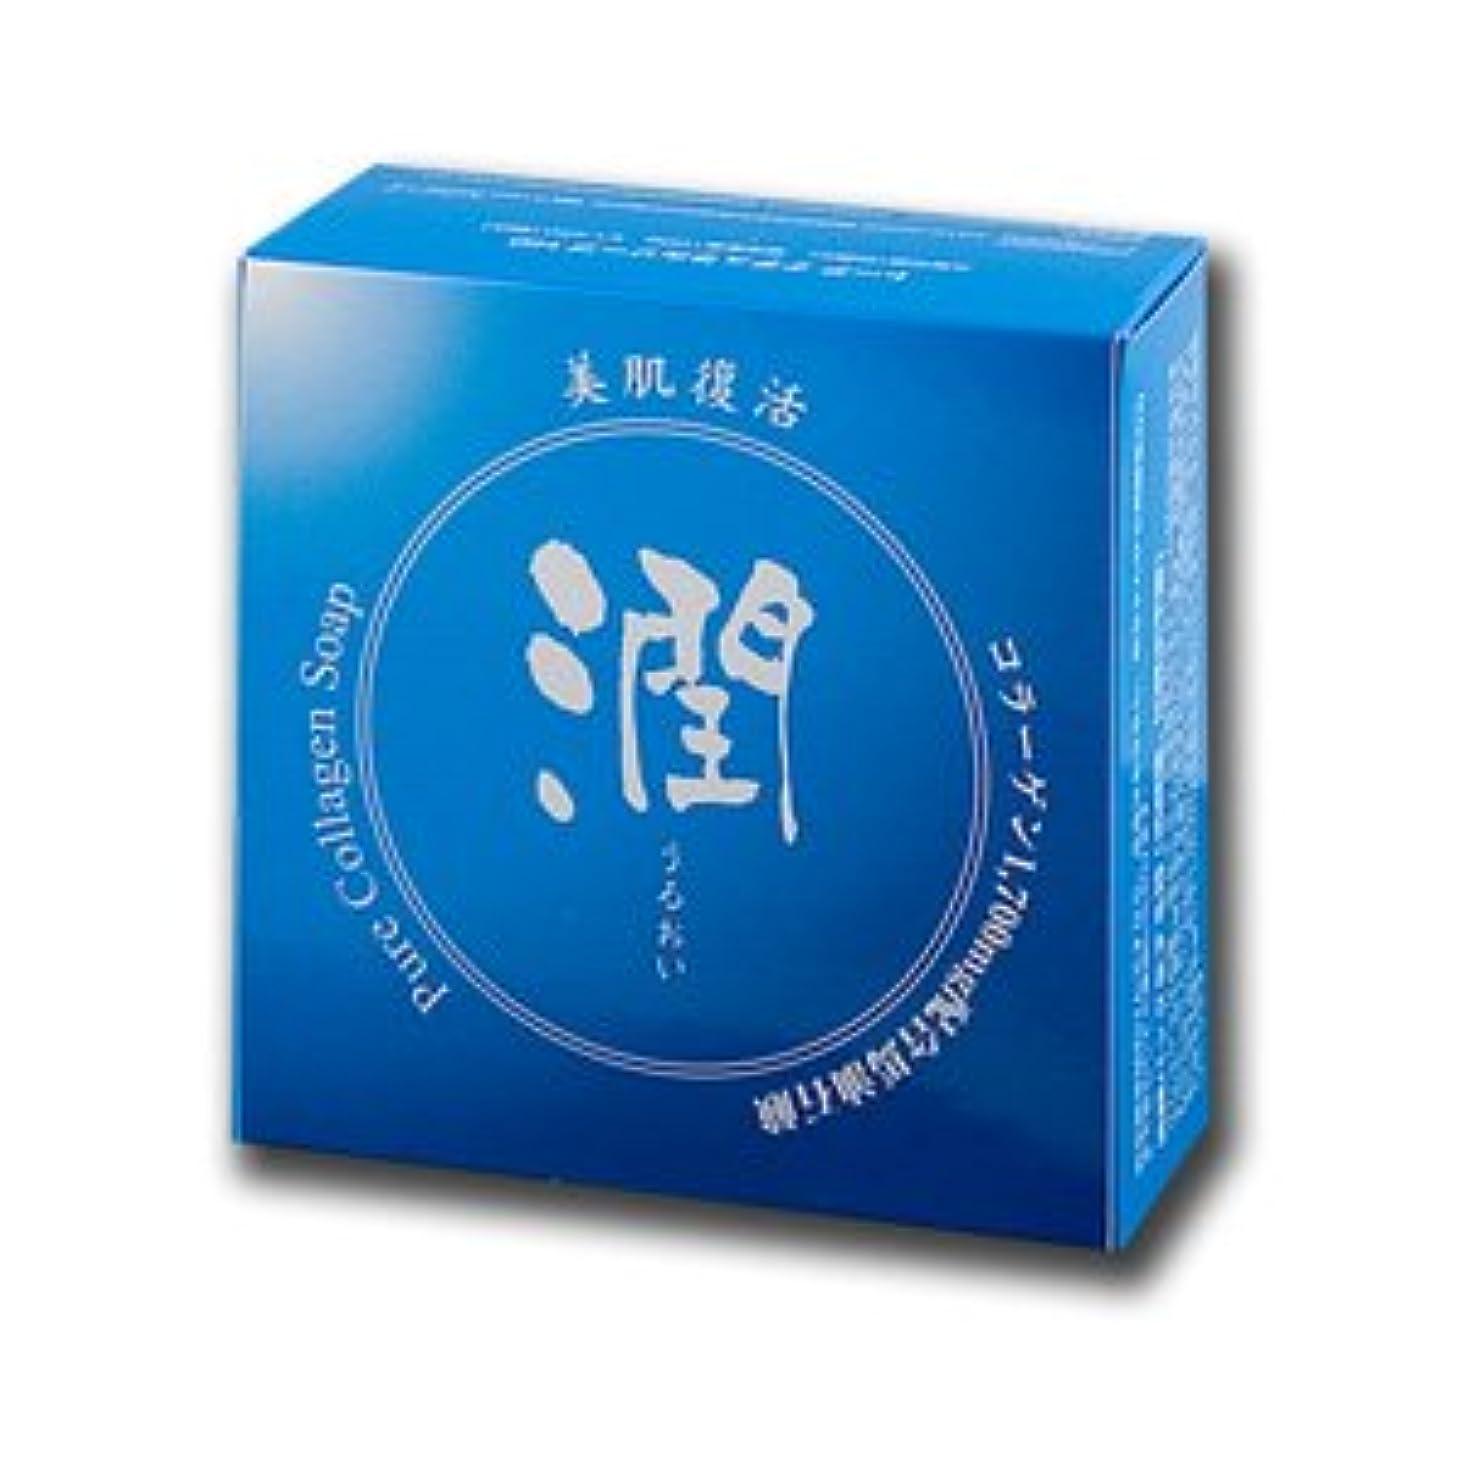 クリスマス進むご近所コラーゲン馬油石鹸 潤 100g (#800410) ×10個セット